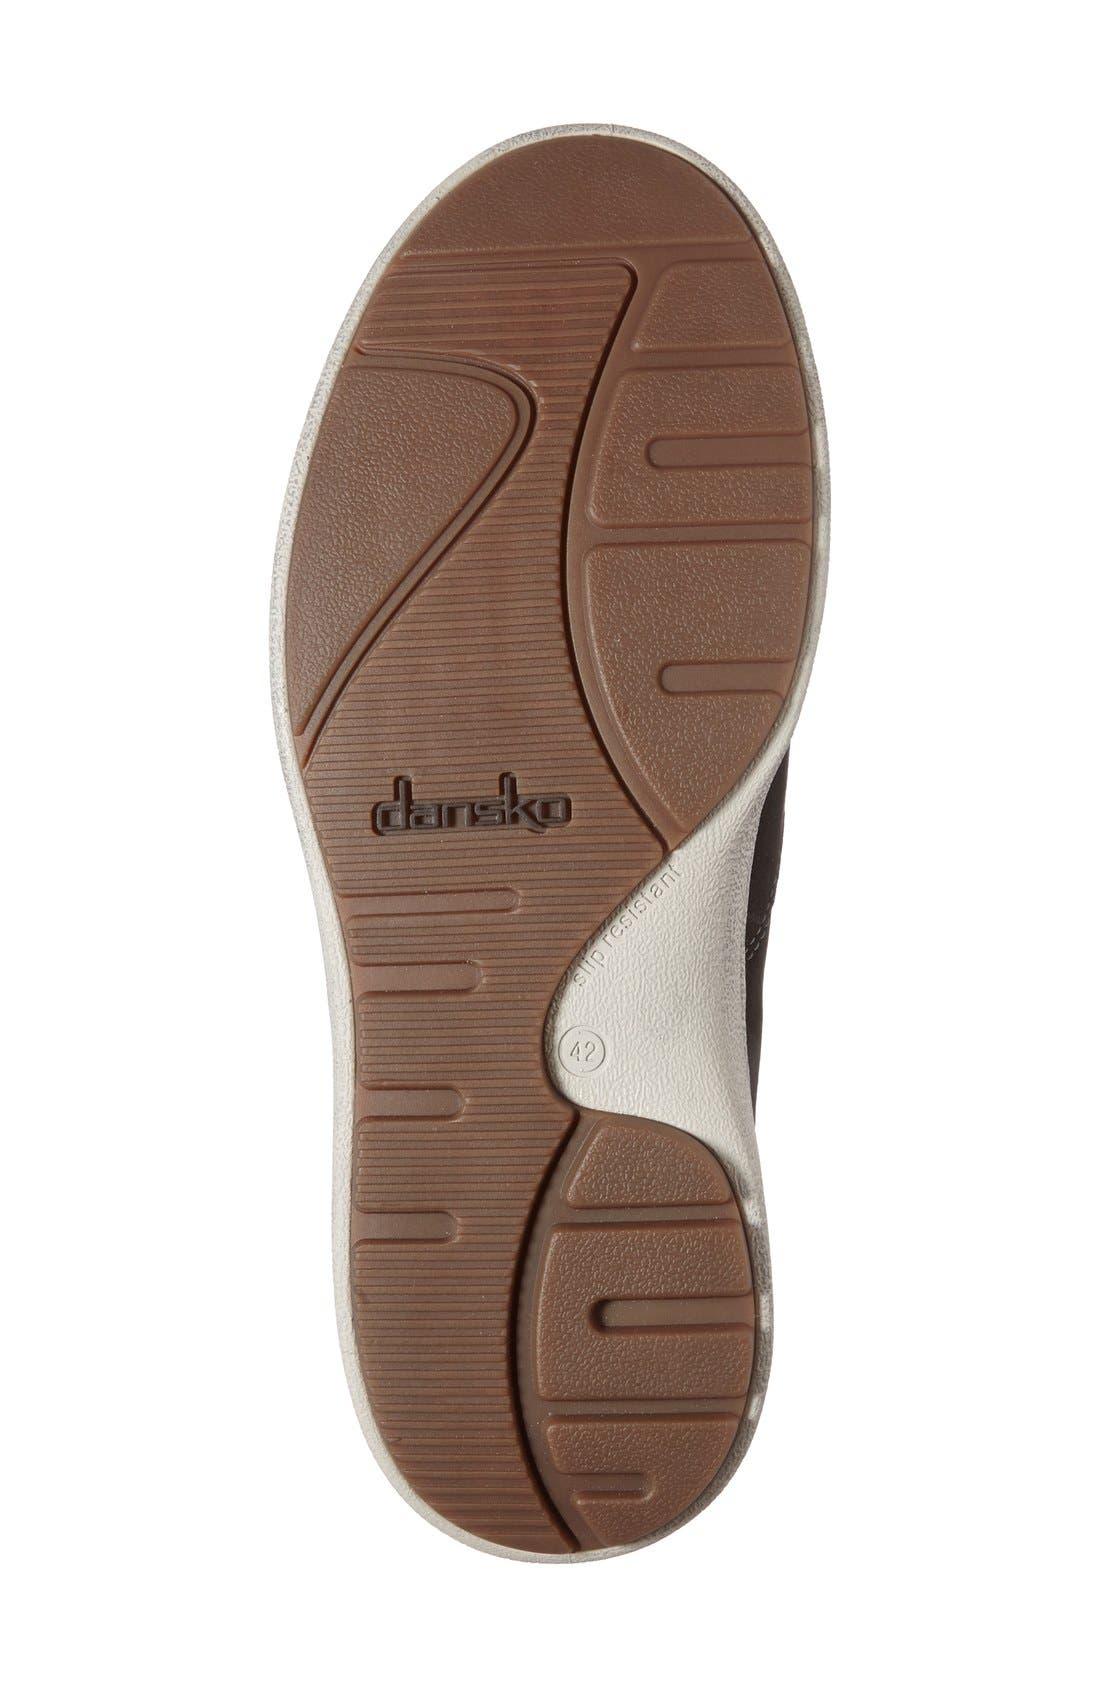 DANSKO, 'Viktor' Water Resistant Slip-On Sneaker, Alternate thumbnail 4, color, BLACK MILLED NUBUCK LEATHER